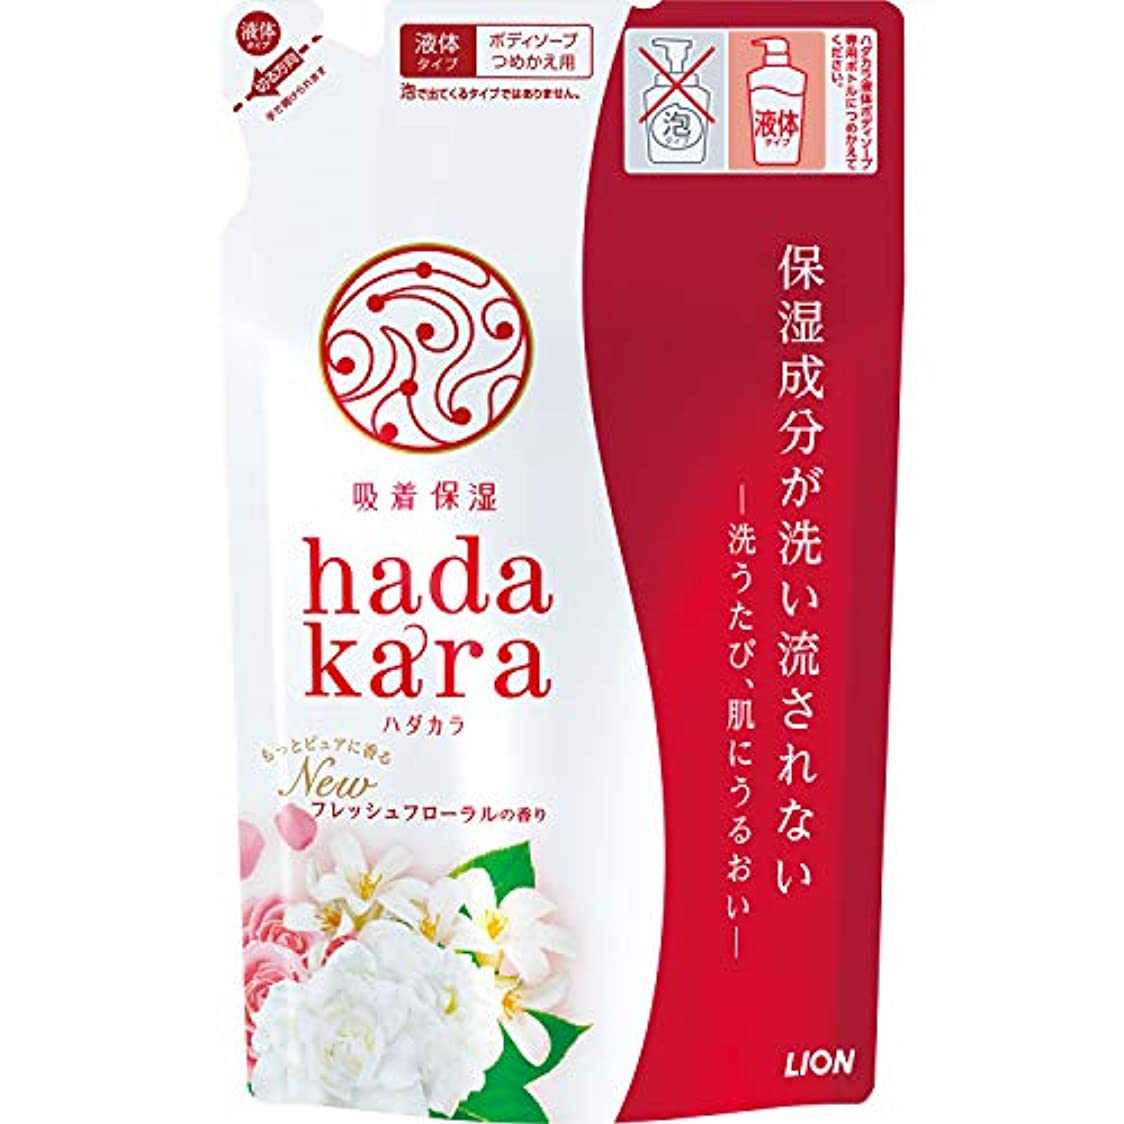 詩人揺れるレンディションhadakara(ハダカラ) ボディソープ フローラルブーケの香り 詰め替え 360ml